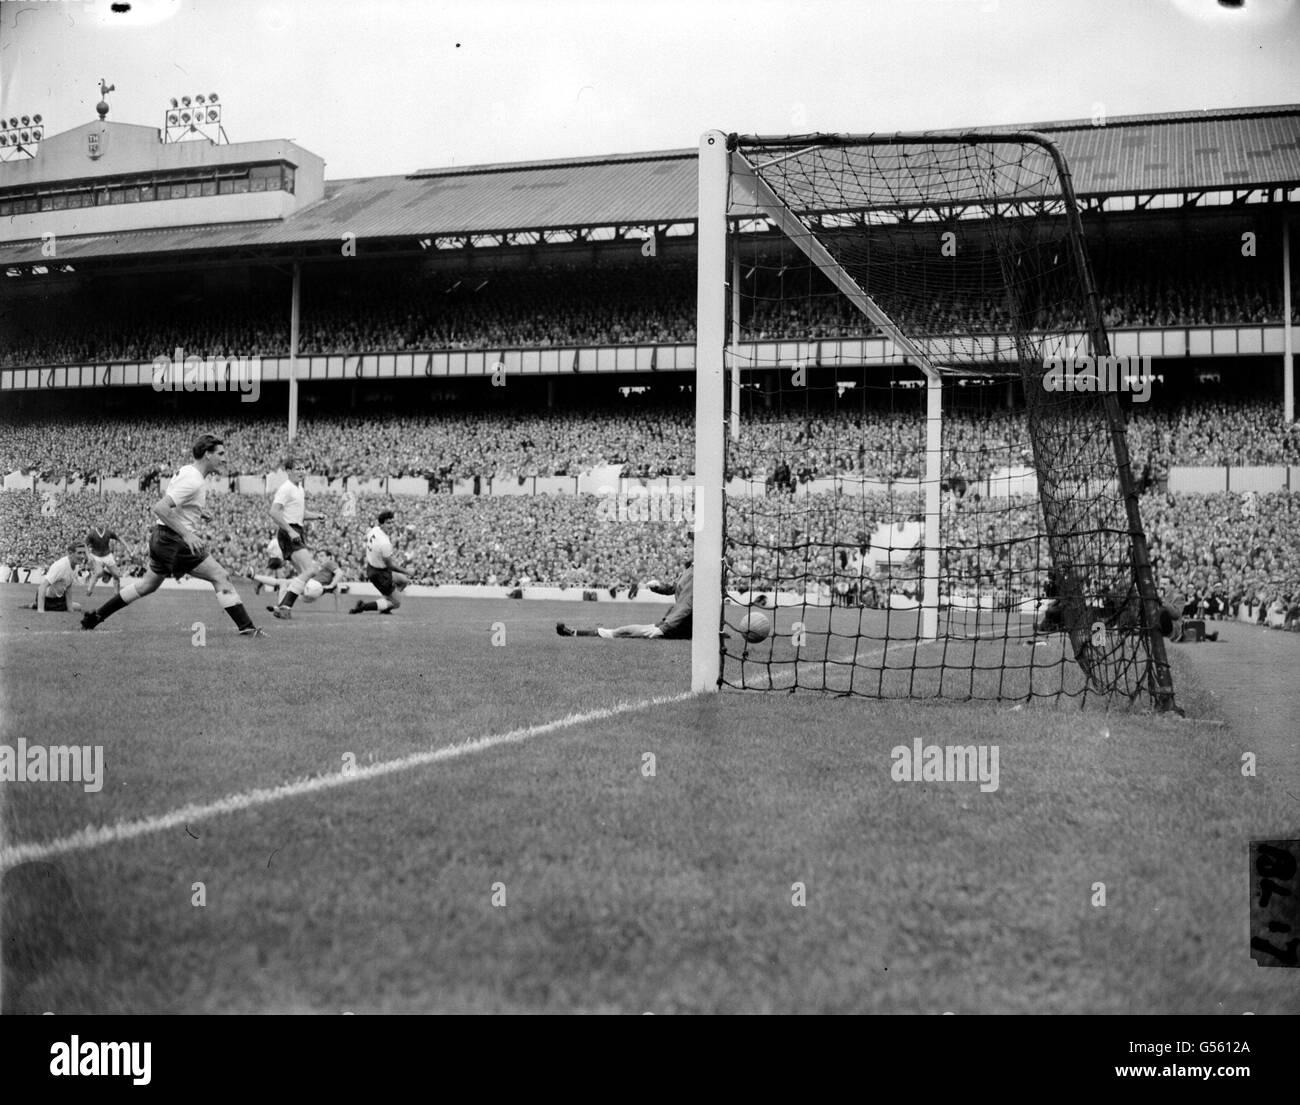 Spurs v United 1960 - Stock Image